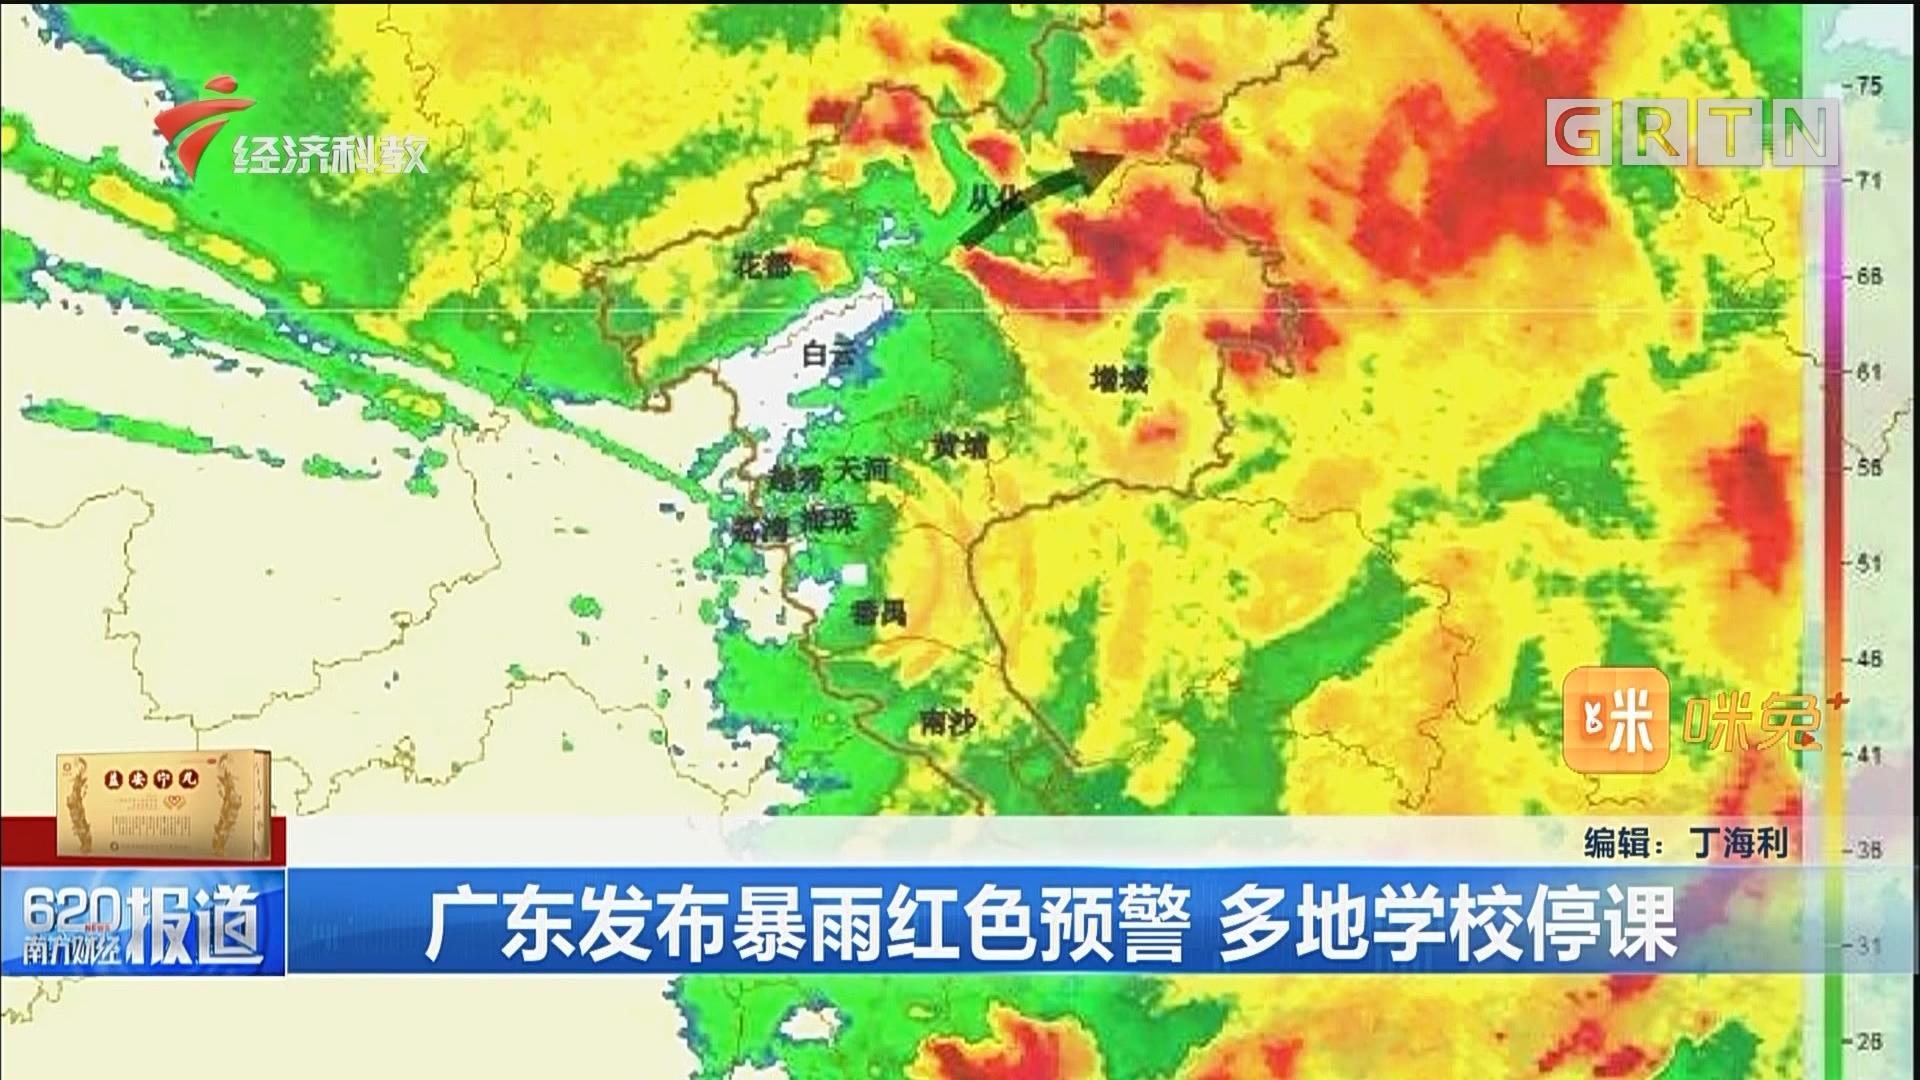 广东发布暴雨红色预警 多地学校停课